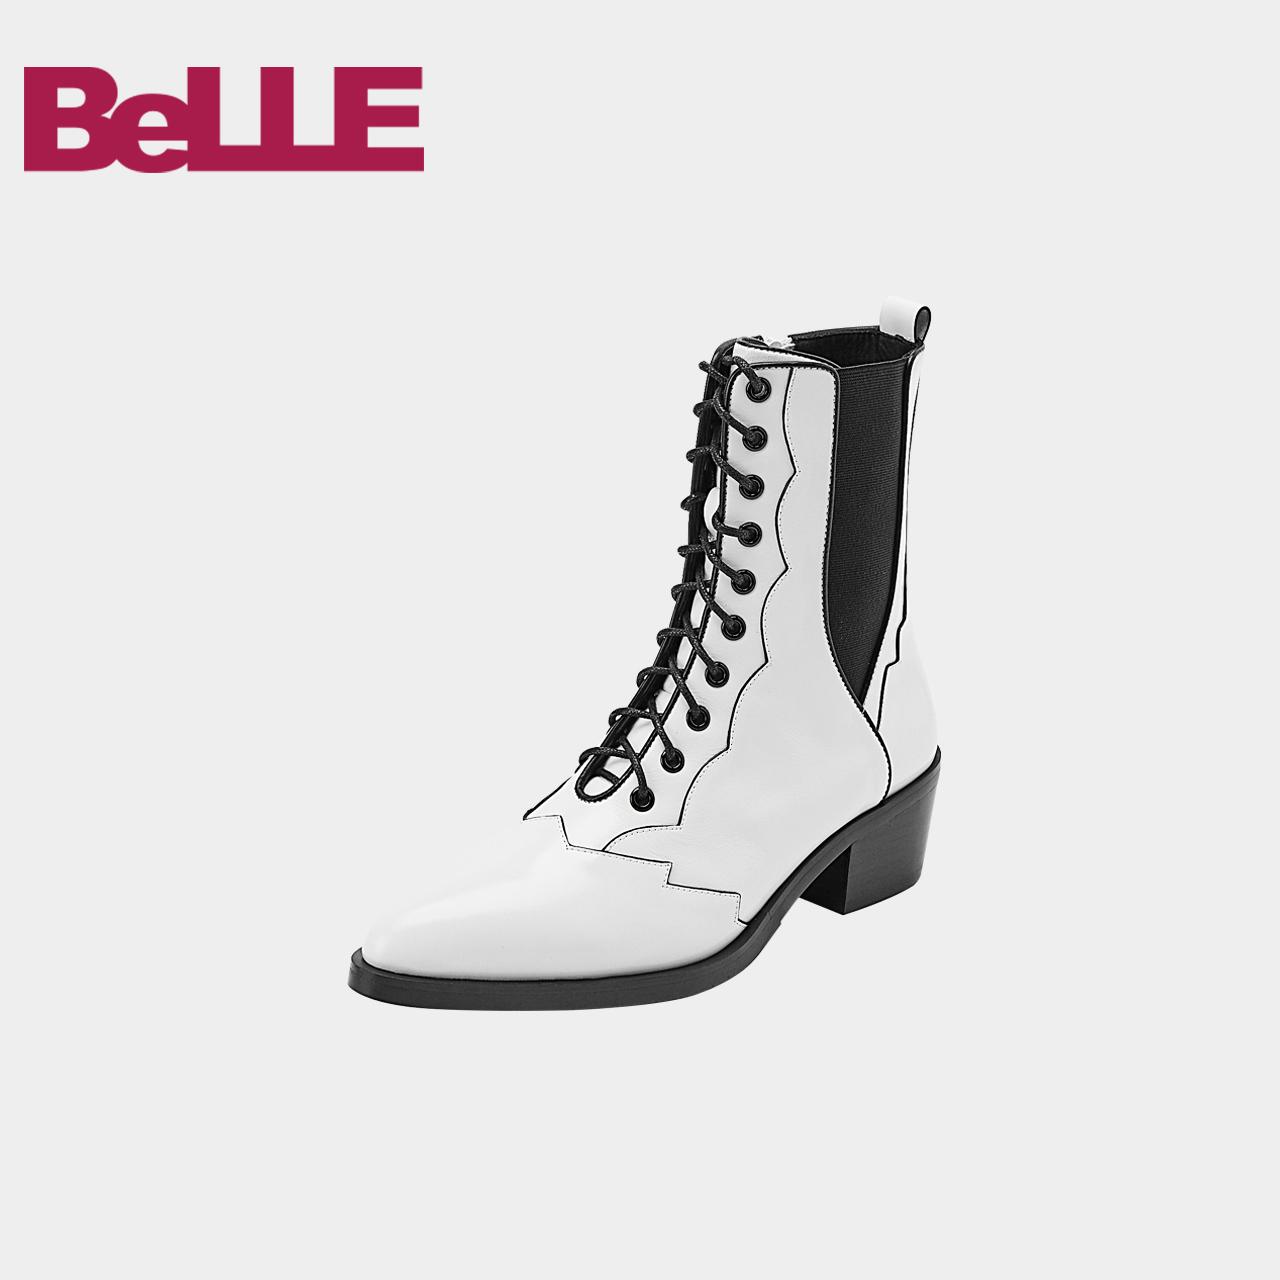 百丽2018冬商场新款光牛皮潮酷西部马丁女靴BA662DZ8